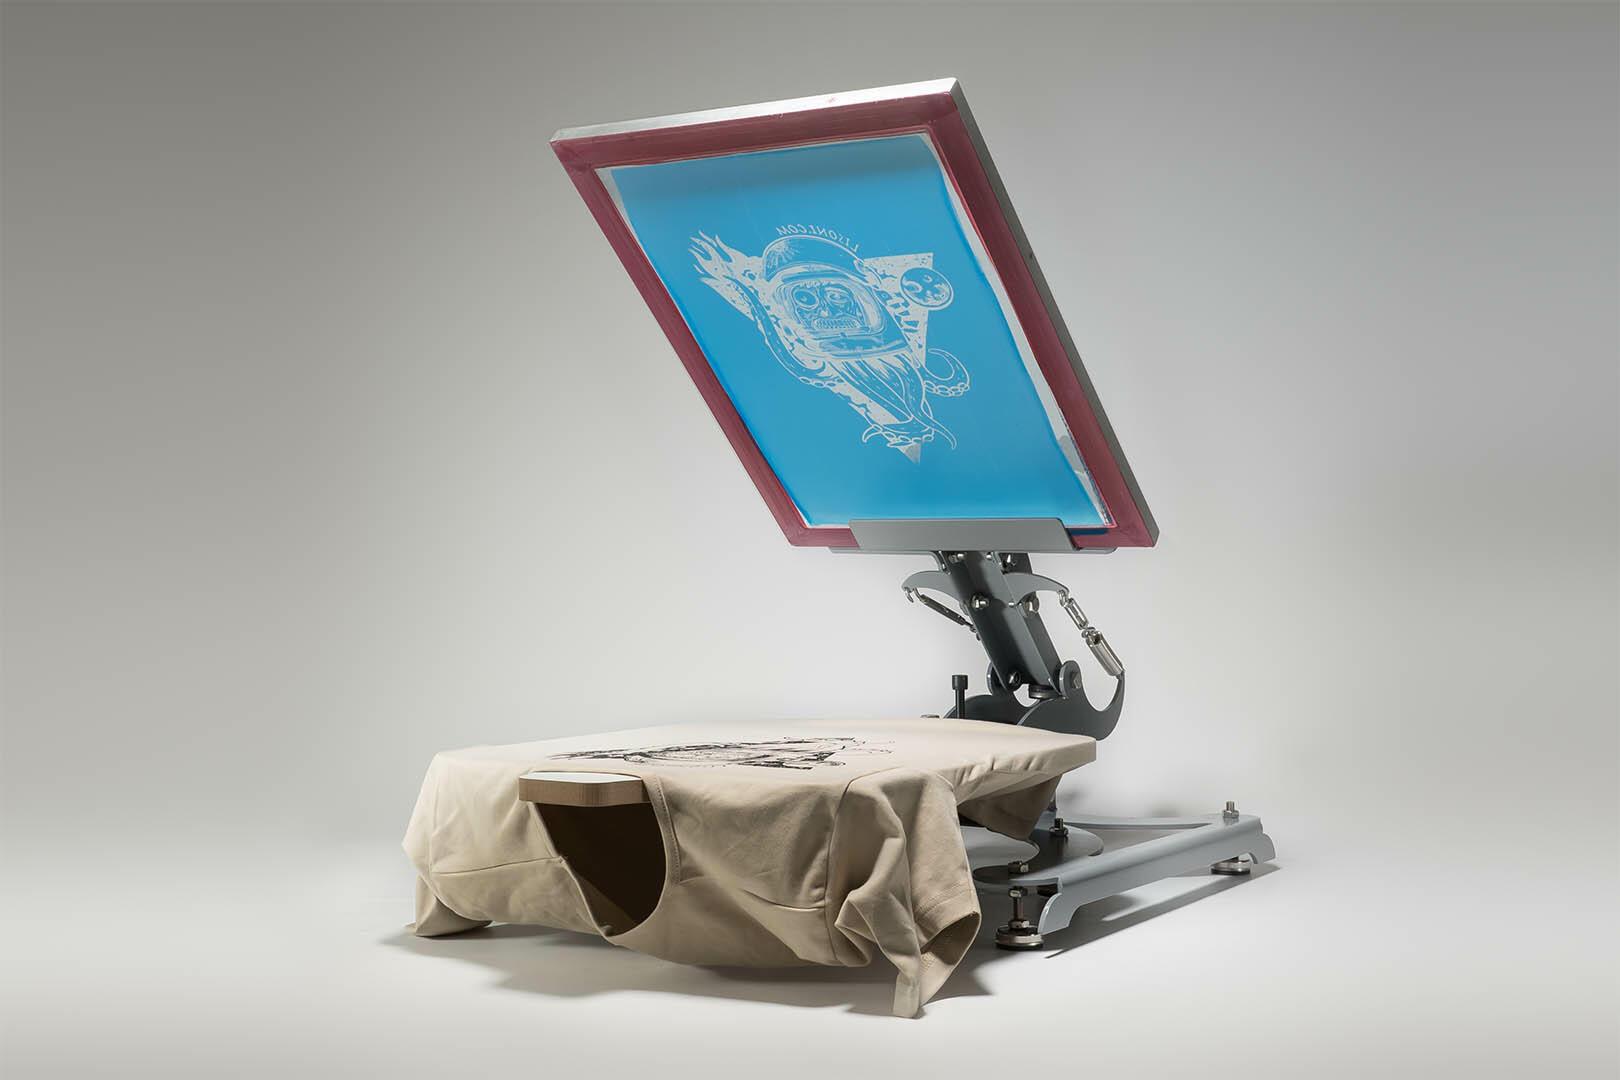 siebdruckmaschine hyprpress 1000 f r den siebdruck. Black Bedroom Furniture Sets. Home Design Ideas